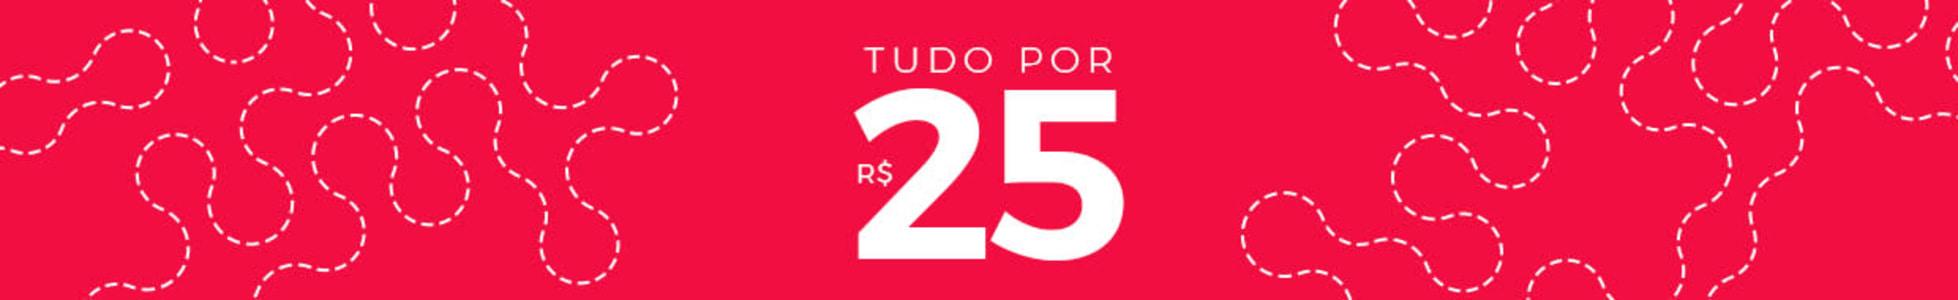 Vinhos por R$25,00